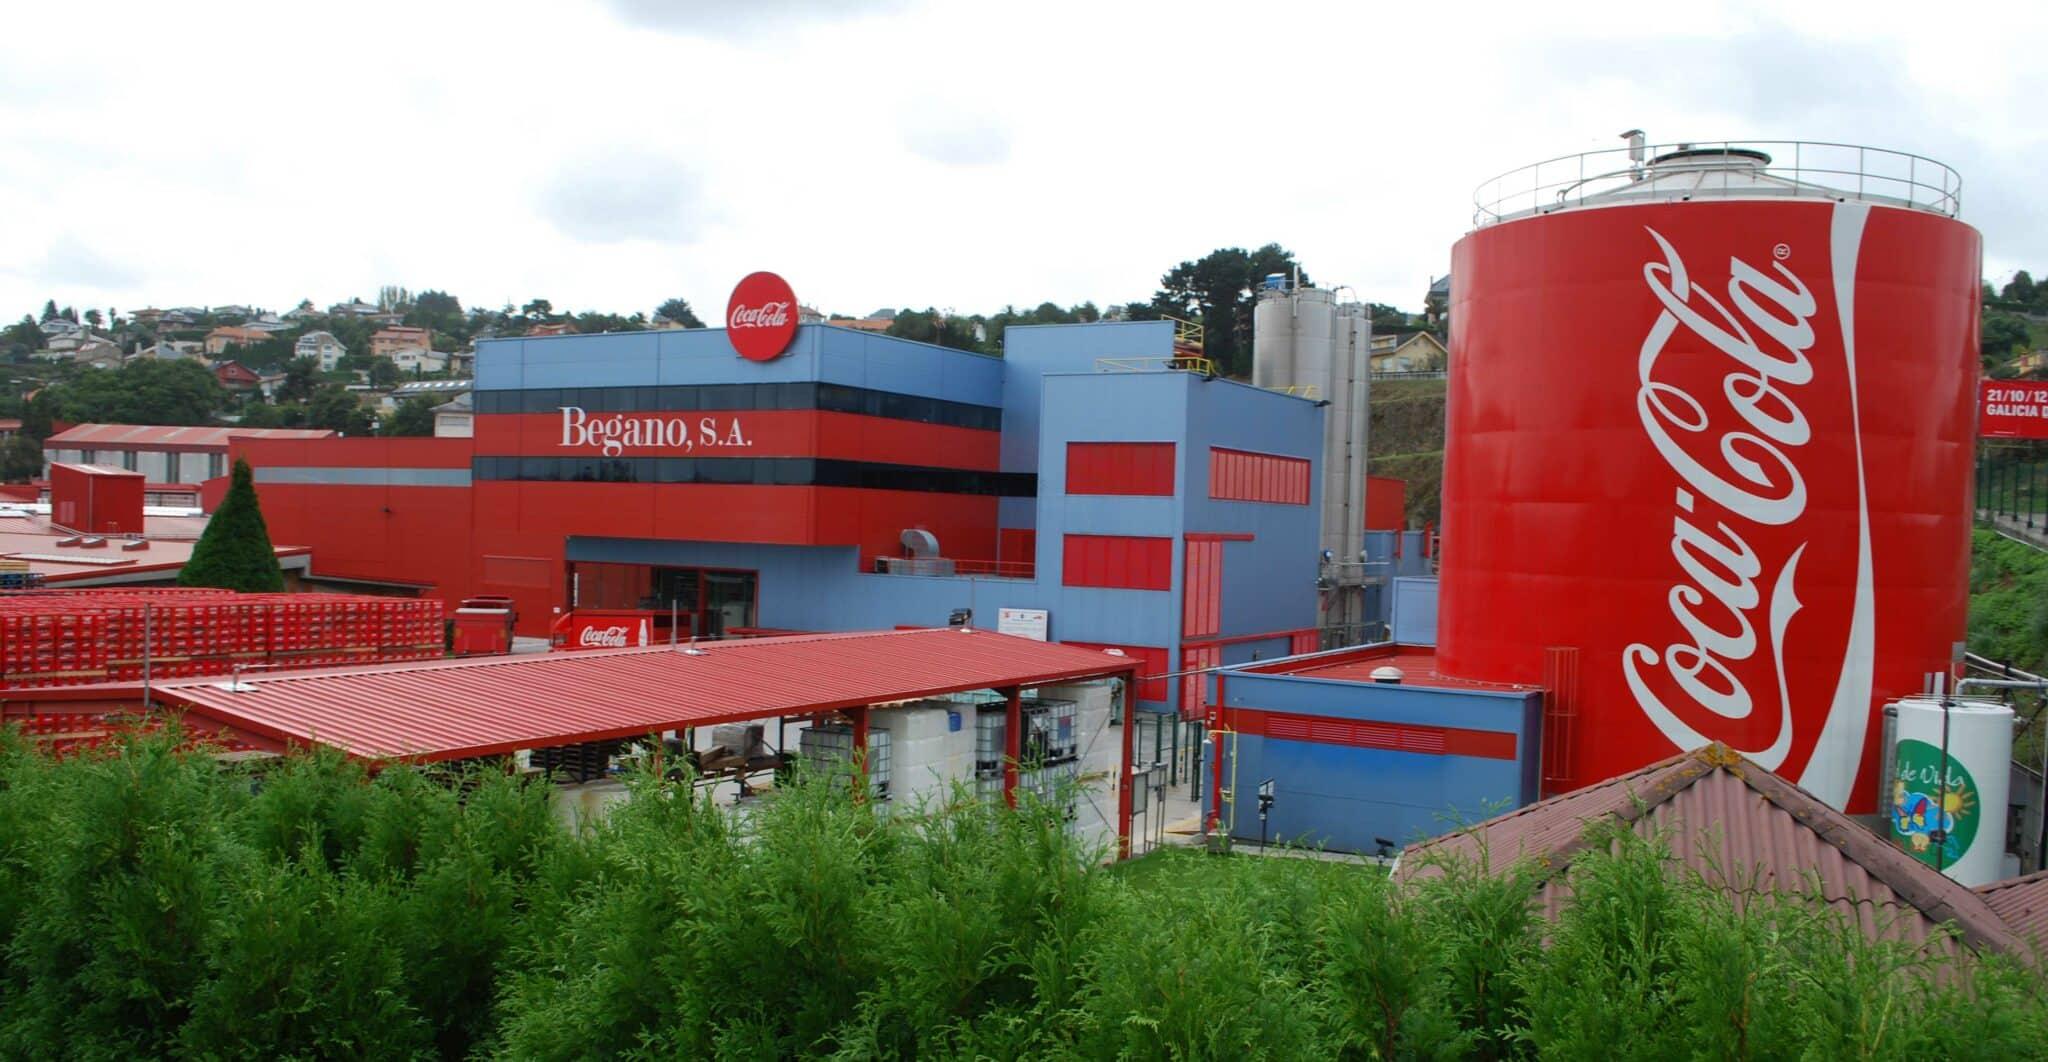 Dans quel lieu la marque Coca-Cola a-t-elle ouvert une usine ?